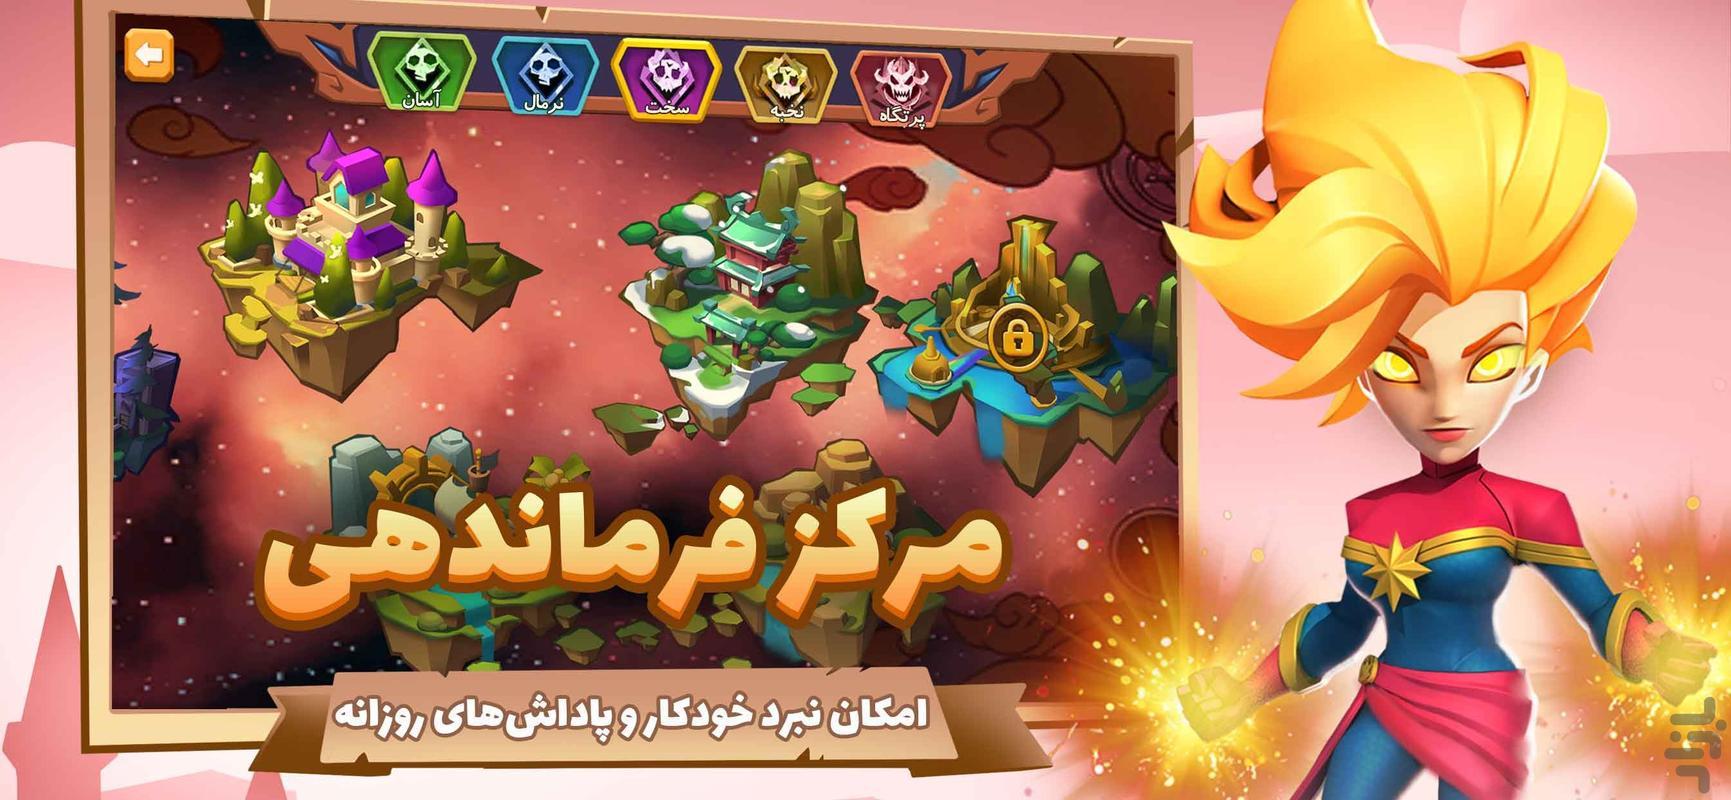 جنگ ابرقهرمانان - عکس بازی موبایلی اندروید